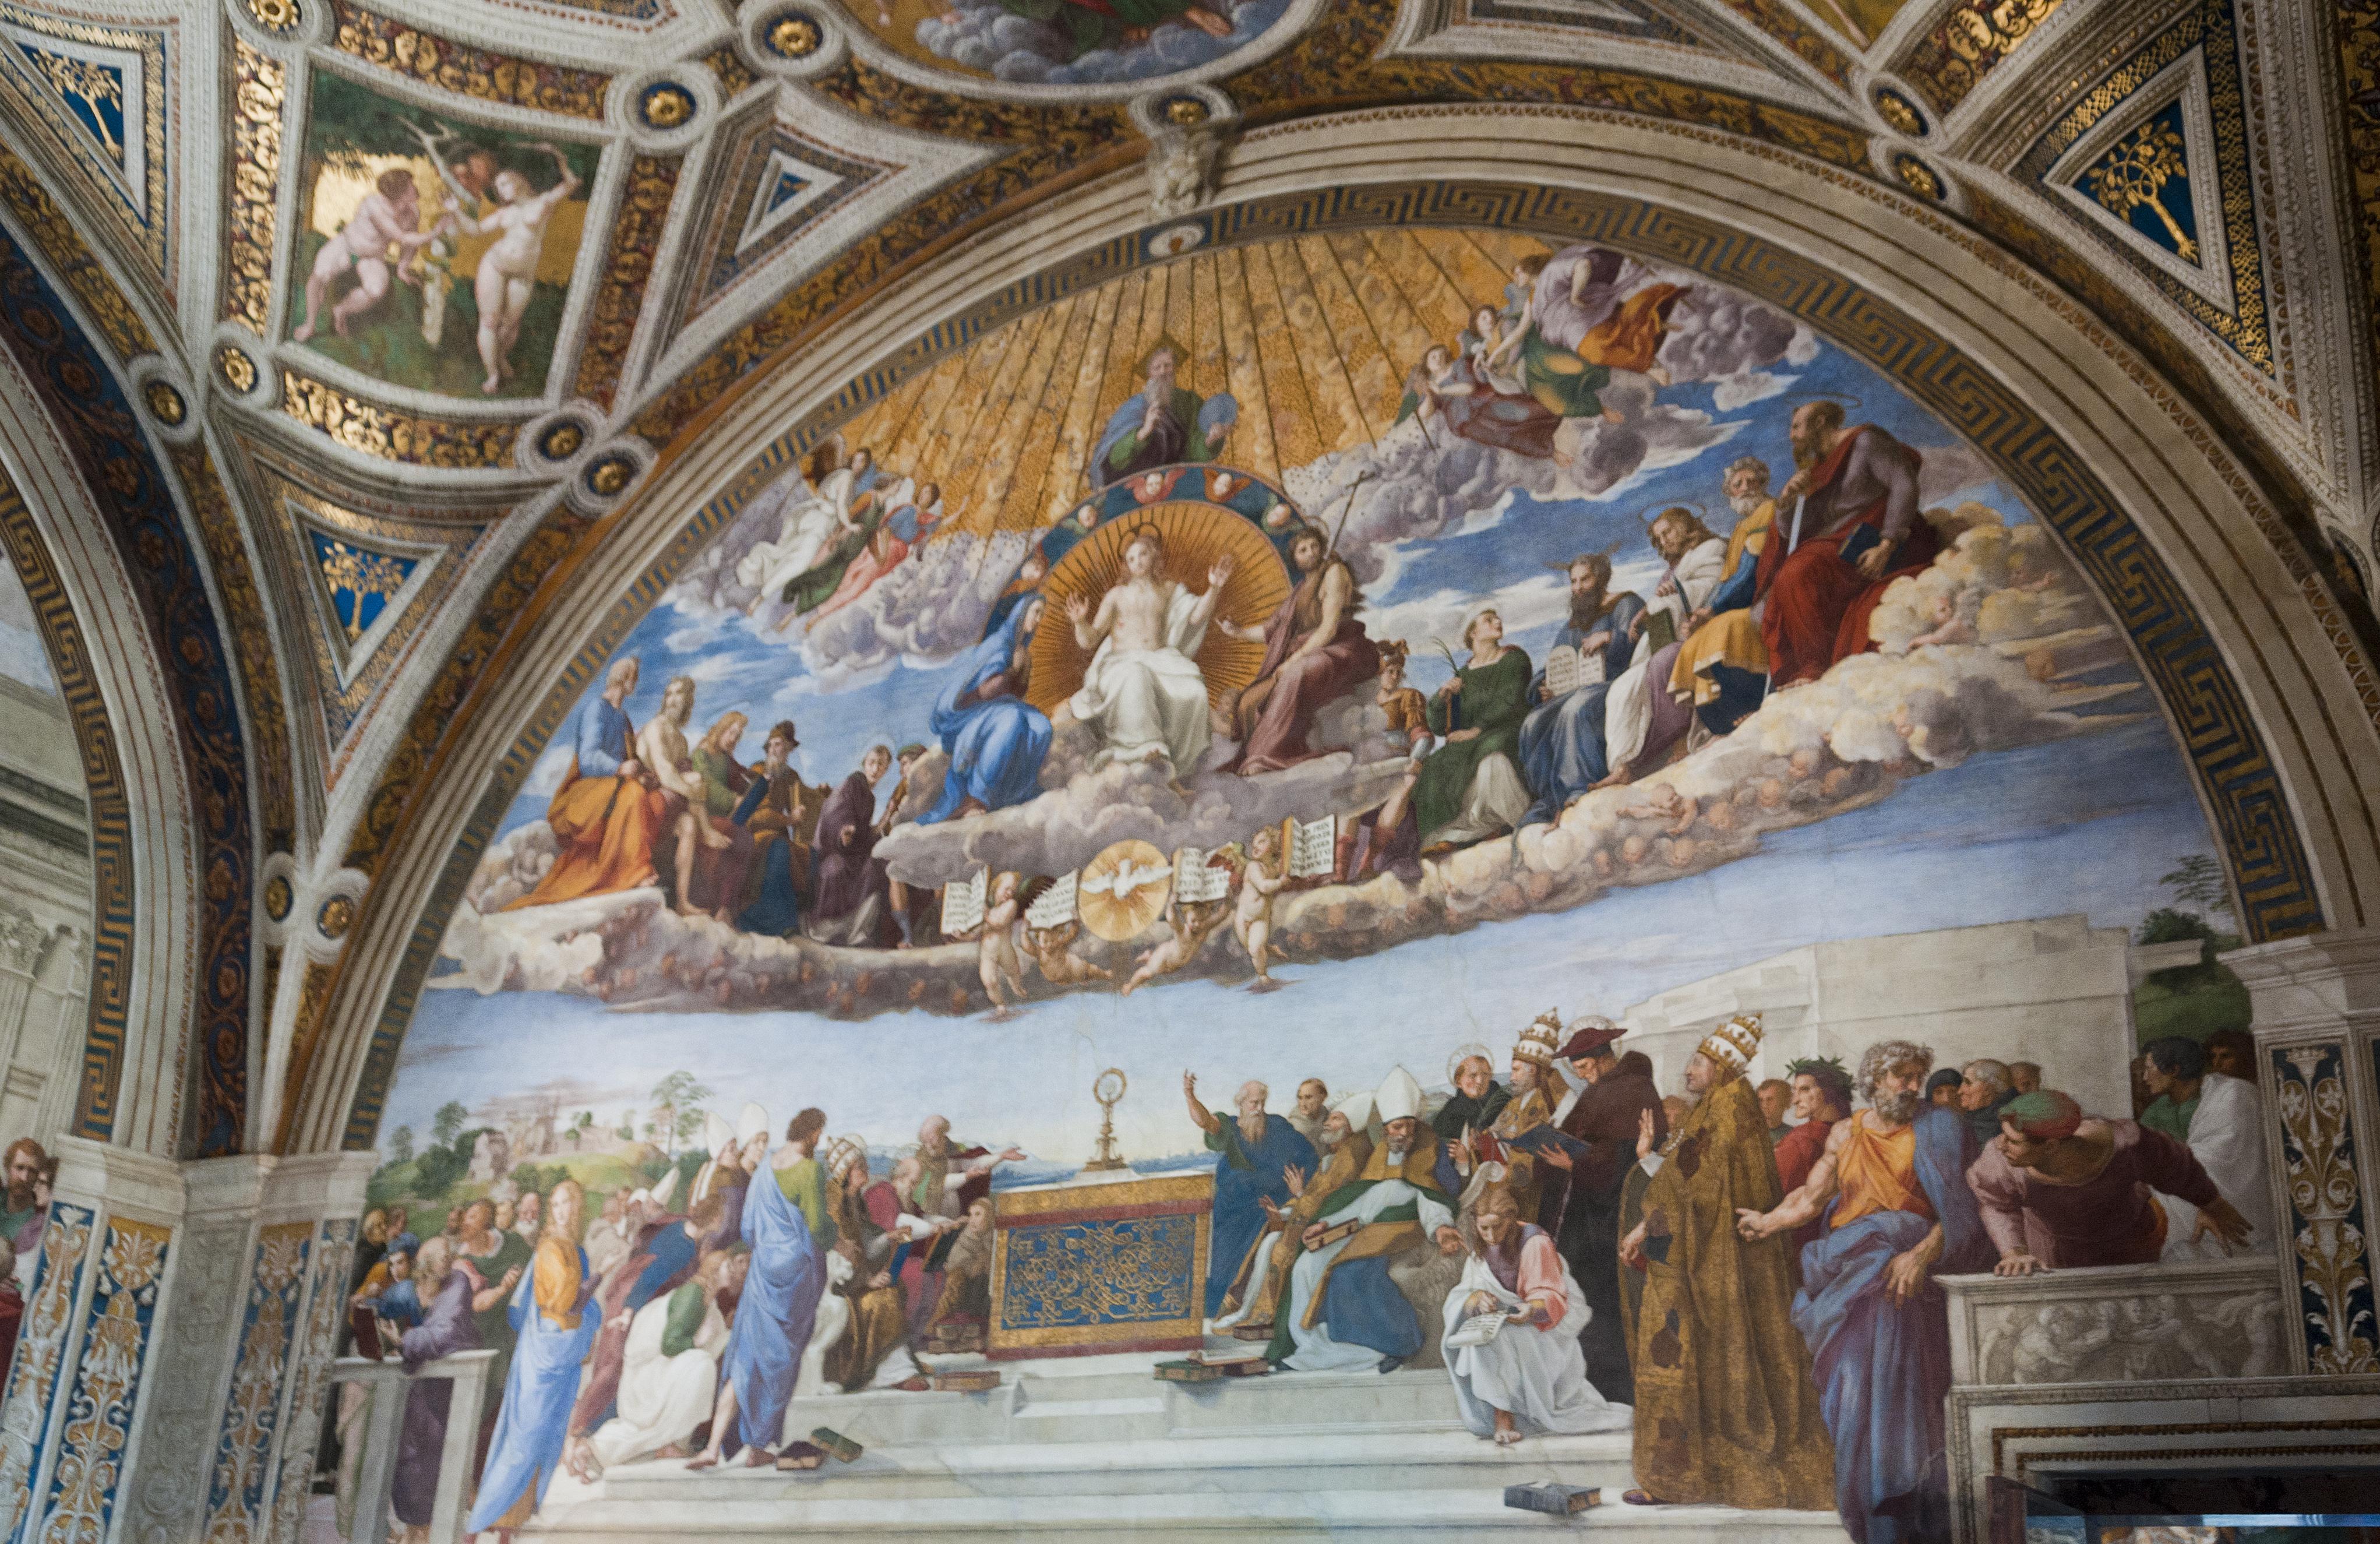 File:Disputation of the Holy Sacrament - fresco by ...